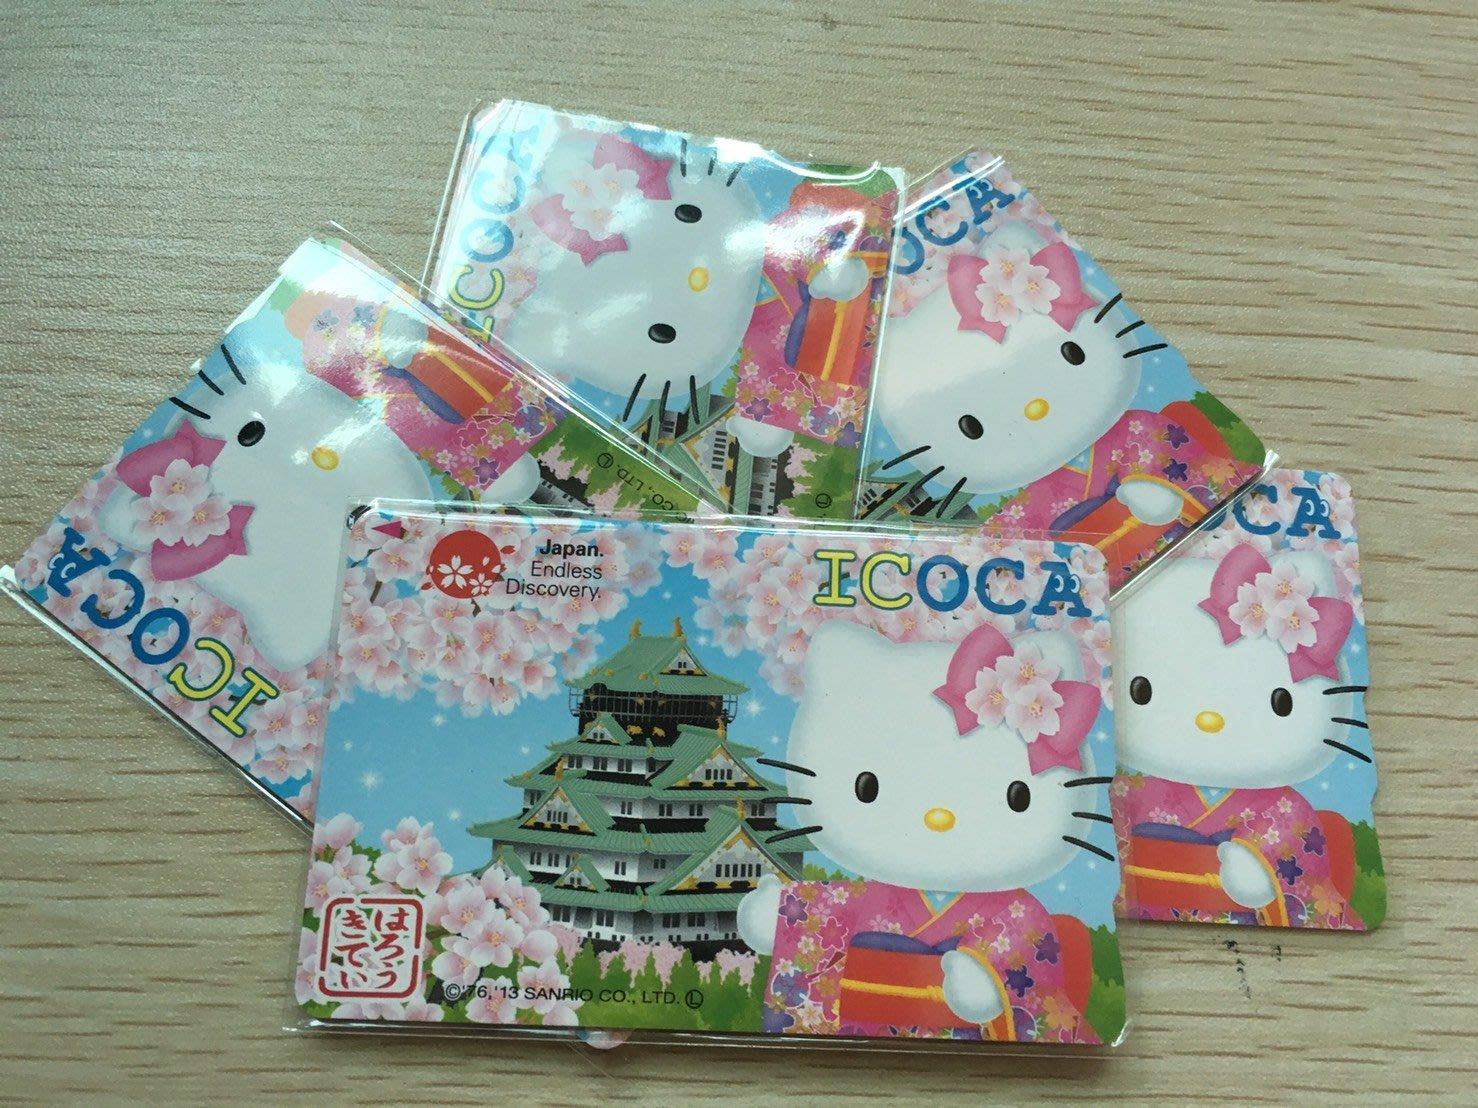 全新 2000 日圓  ICOCA Hello Kitty凱蒂貓 suica 西日本